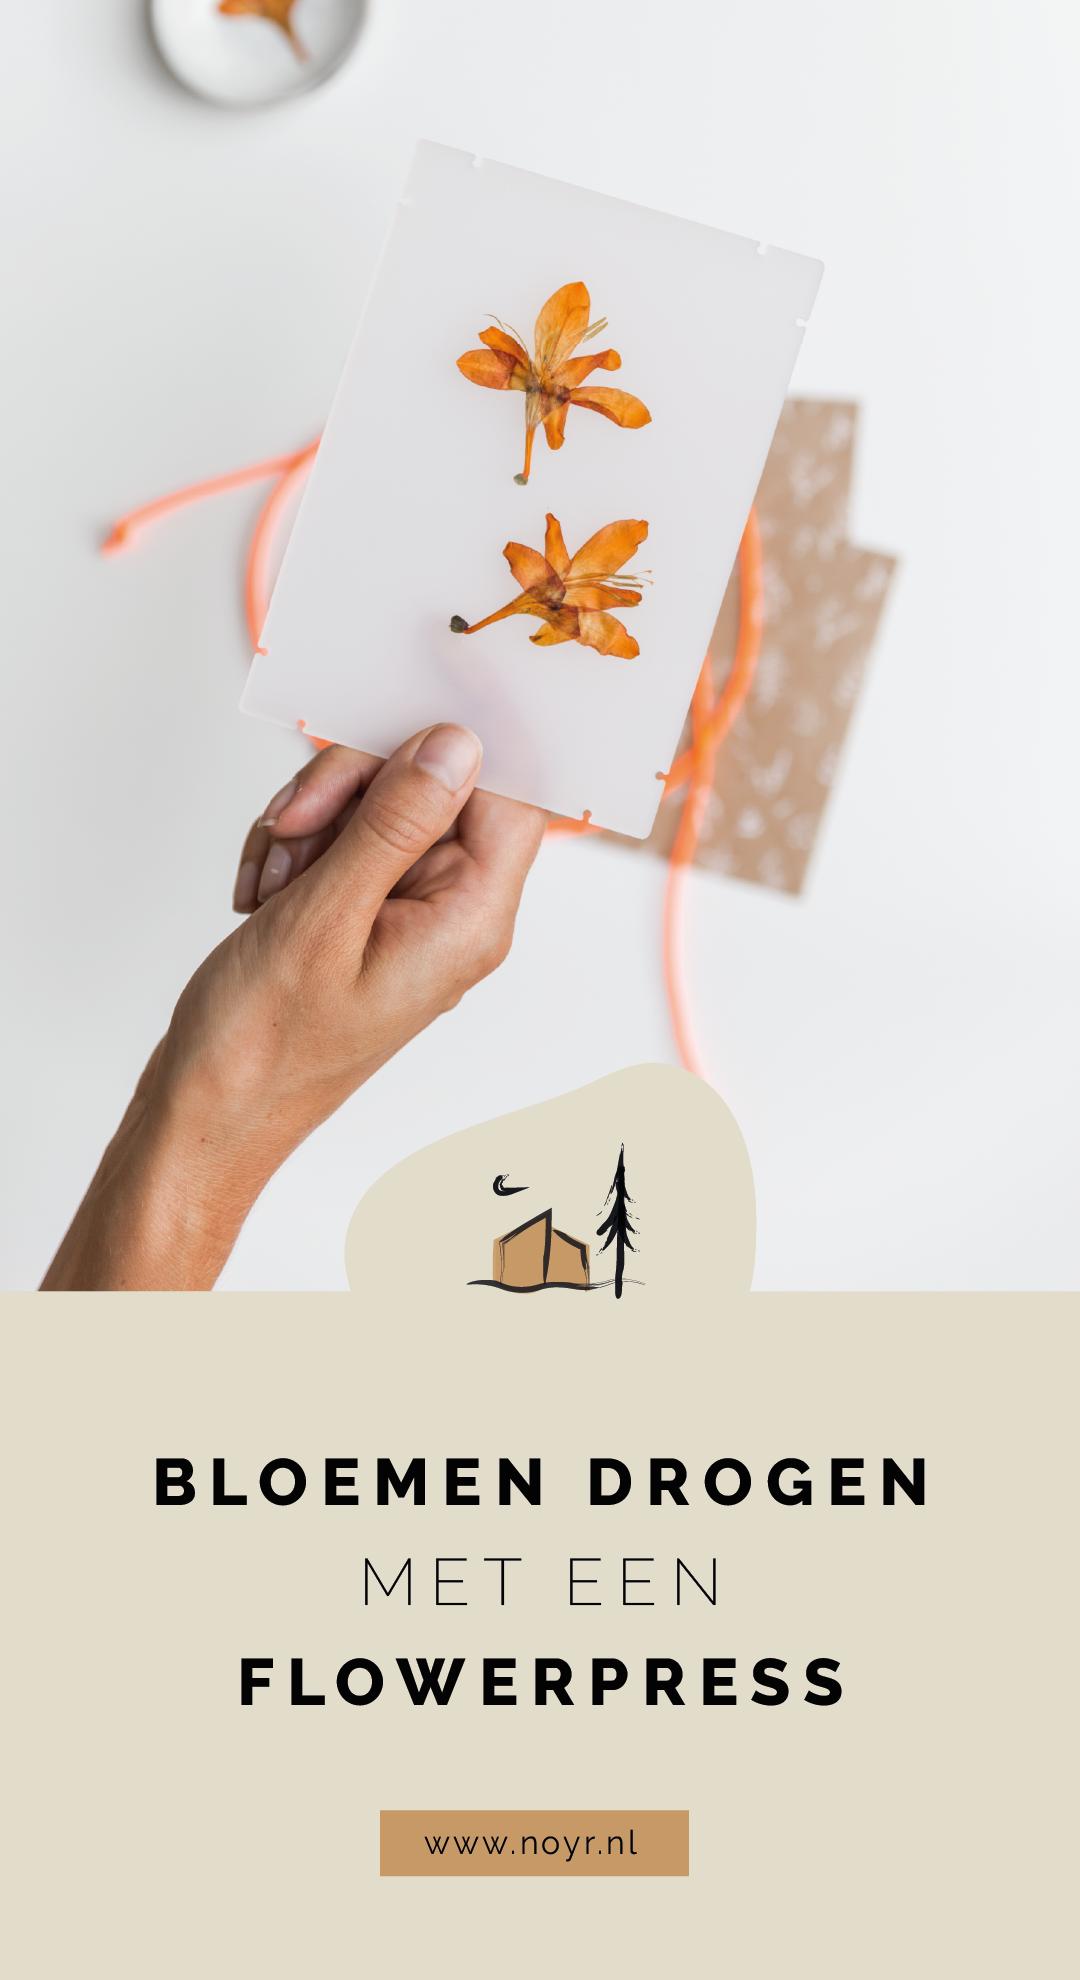 Bloemen drogen met een flowerpress | DIY | Knutselen op vakantie | Pinterest